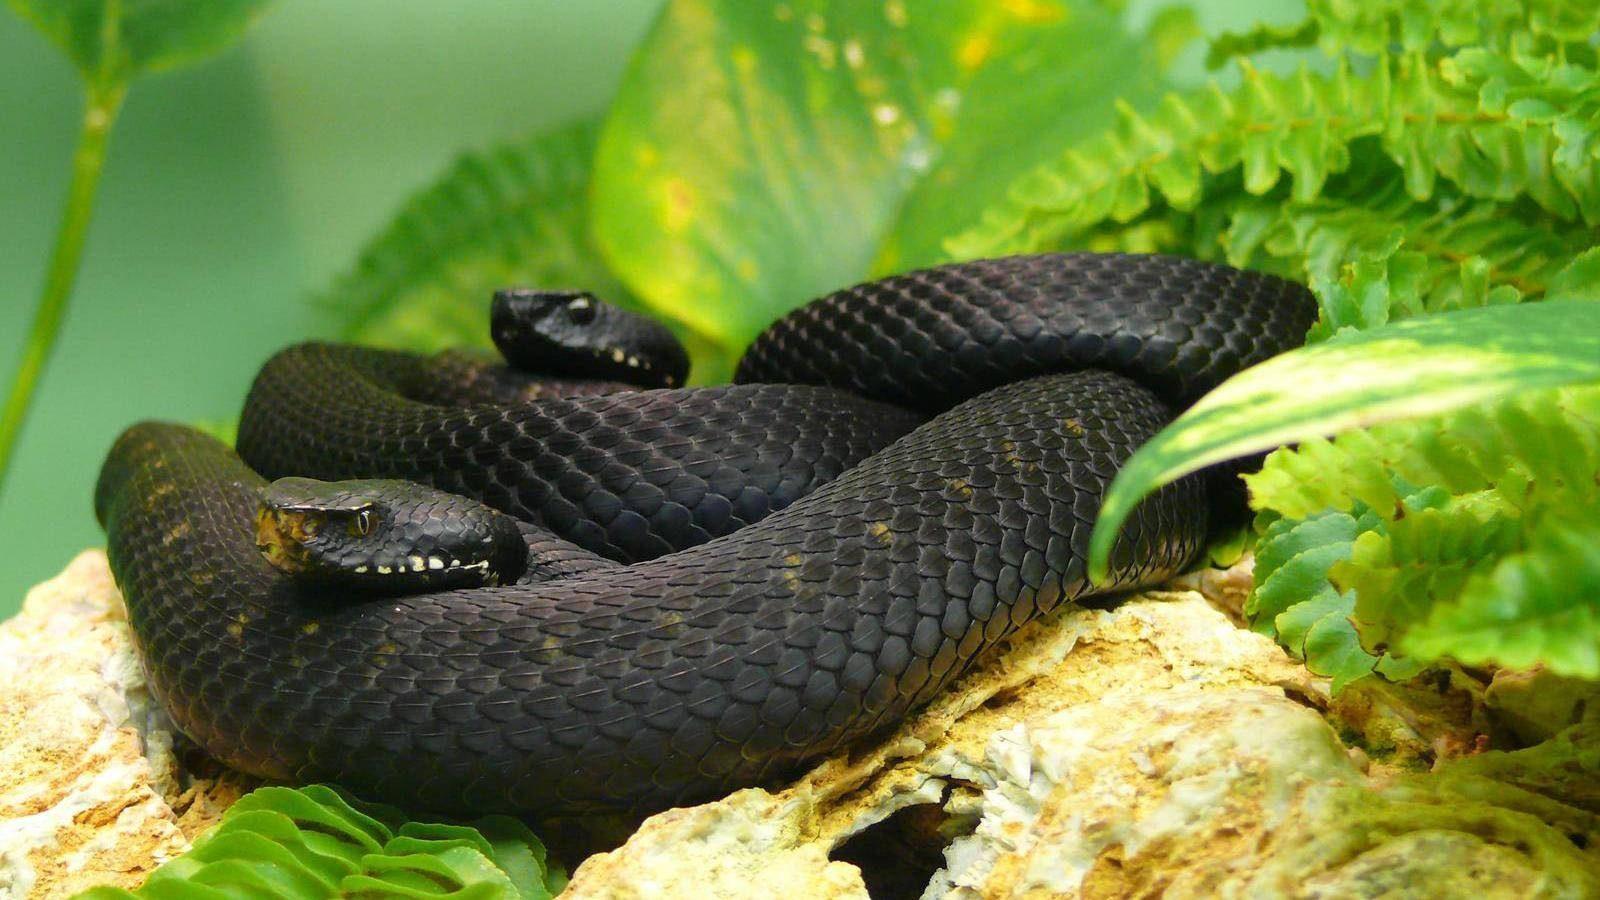 Fotos de la mamba negra :: Imágenes y fotos